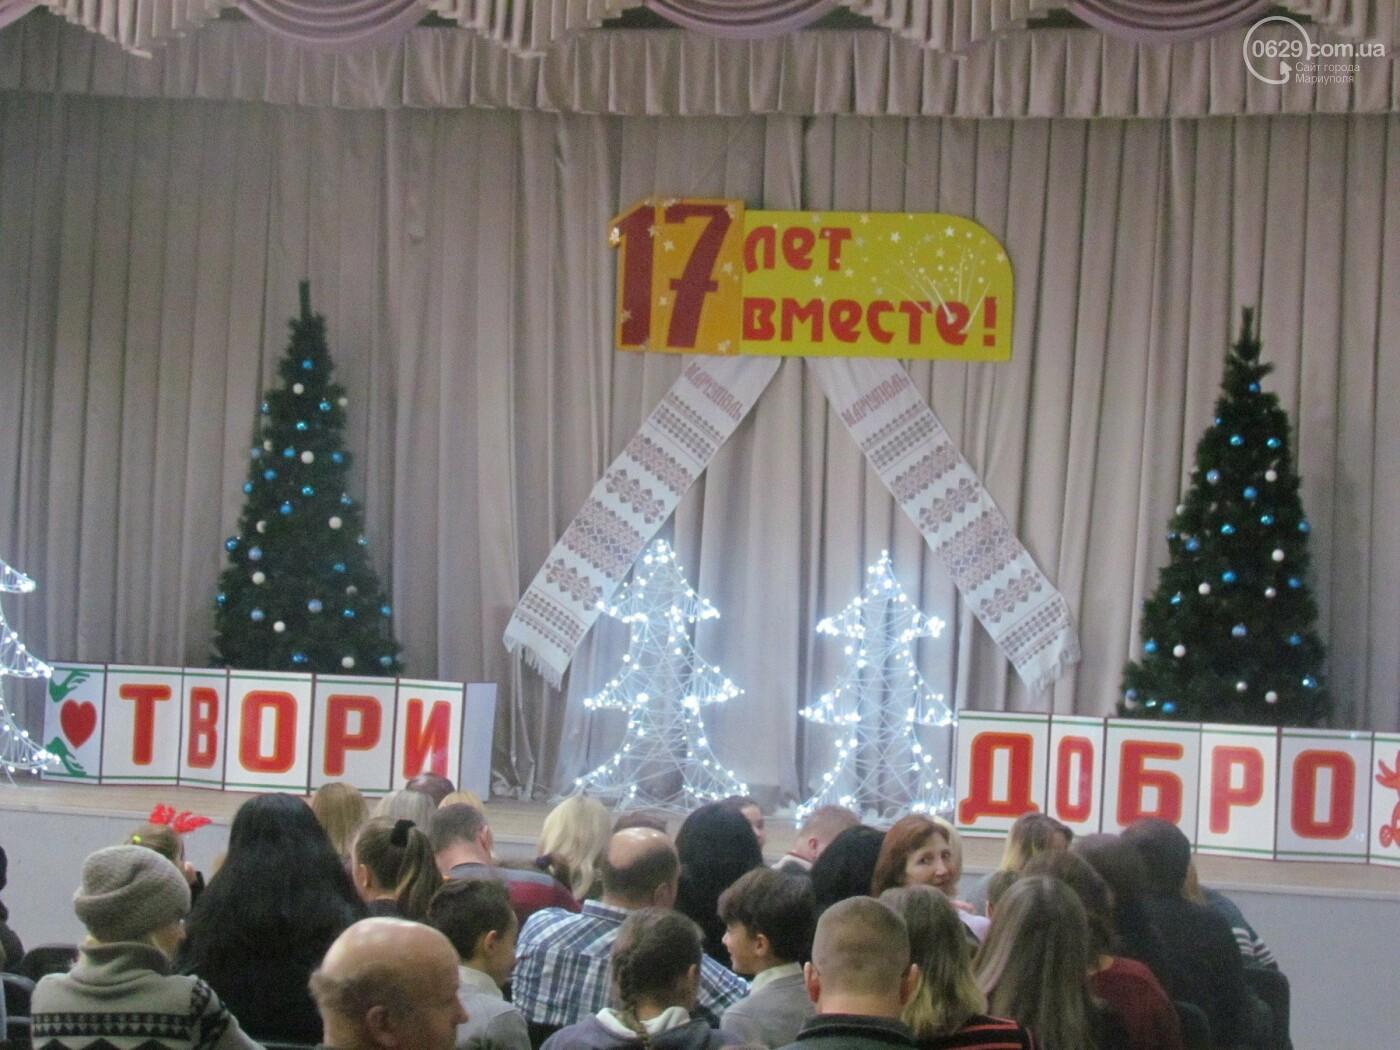 В Украинском доме установили подъемник для детей с инвалидностью, - ФОТО, фото-1